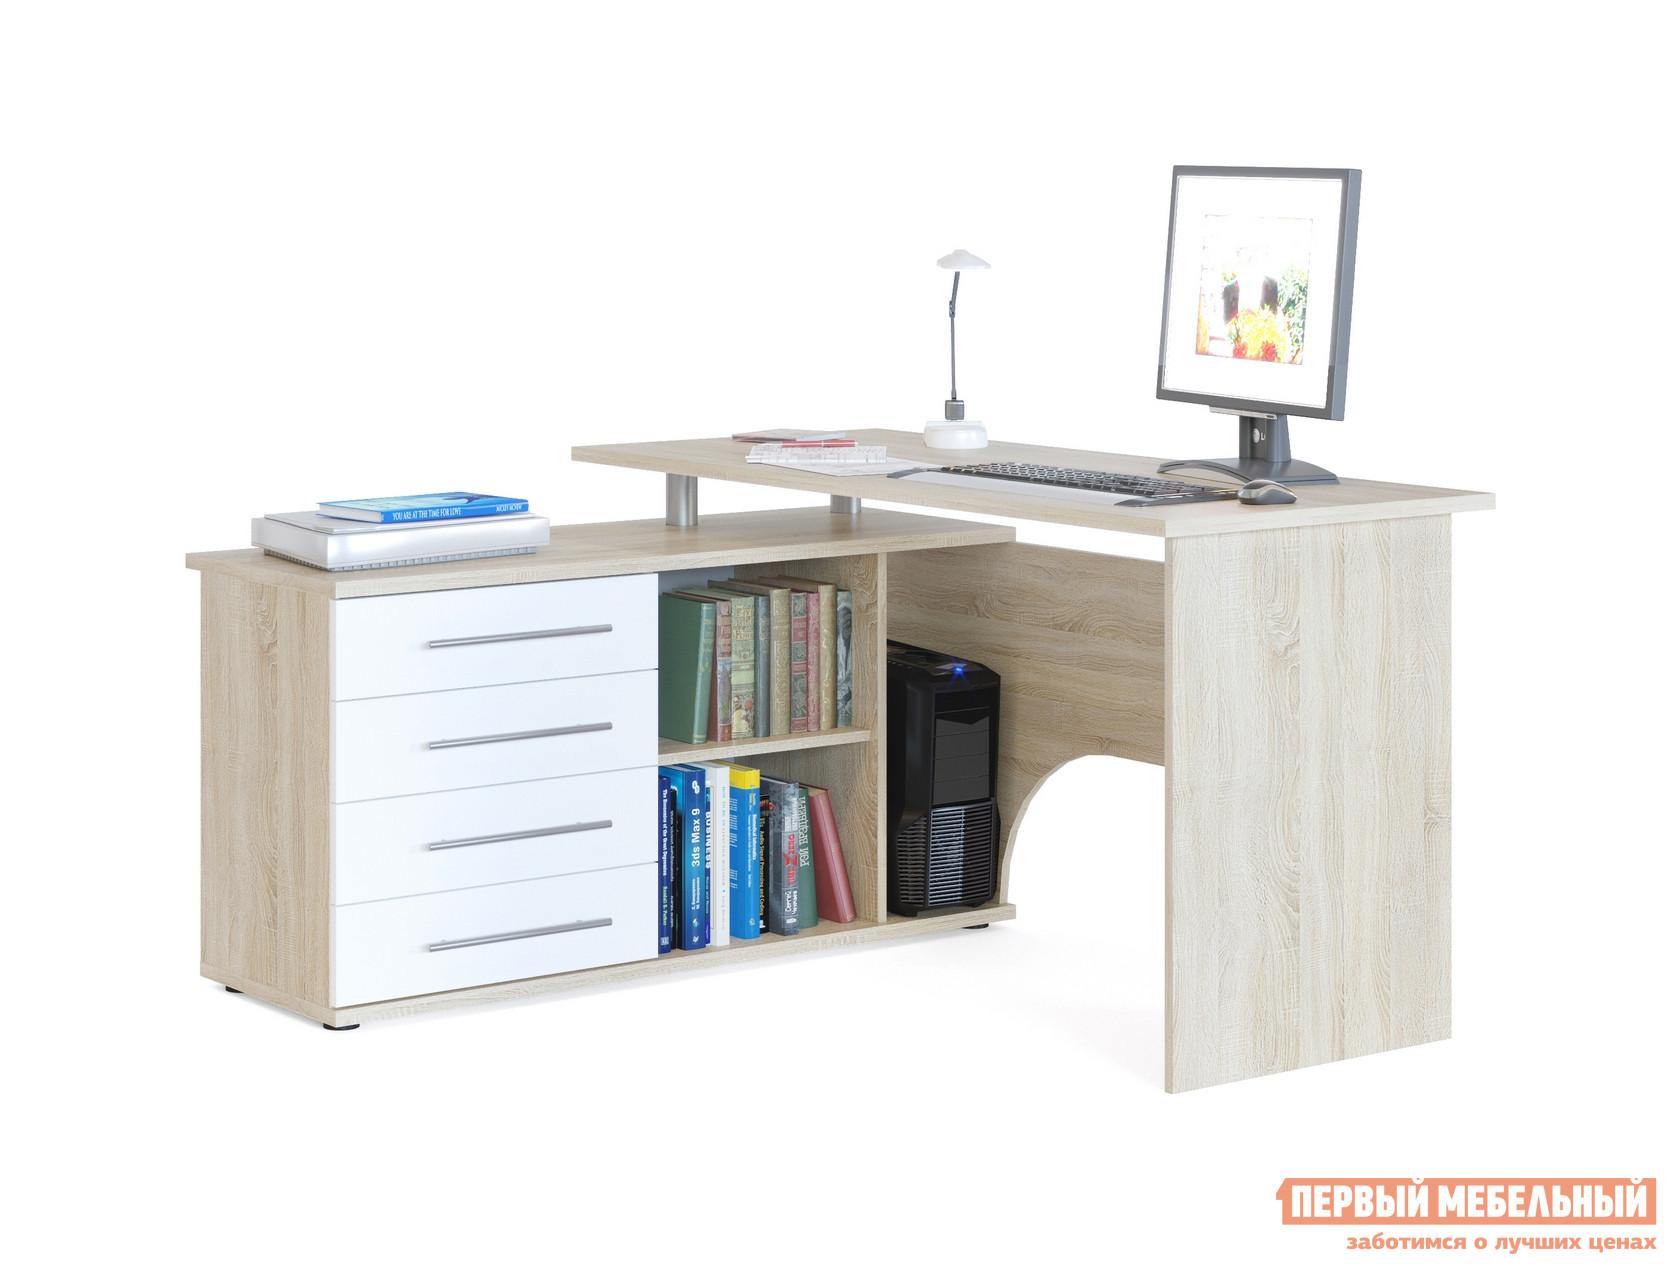 Письменный стол Сокол КСТ-109 Дуб Сонома / Белый, ПравыйПисьменные столы<br>Габаритные размеры ВхШхГ 750x1400x1270 мм. Угловой компьютерный стол с двумя рабочими поверхностями.  Основная столешница имеет ширину 1400 мм, позволяя разместить компьютер и рабочие материалы.  На малой столешнице — 1200 мм, удобно держать под рукой книги, папки, канцелярию. Стол оборудован тумбой с четырьмя ящиками, открытыми полками и нишей под системный блок.  Такая модель компьютерного стола позволяет организовать функциональную рабочую зону как в домашнем кабинете, так и в офисе. Особенность модели — задняя стенка из ЛДСП, что позволит расположить стол не только у стены, но и в любом удобном месте, не нарушая интерьерной композиции. Внутренний размер ящиков — 456 х 346 мм. Размер ниши под системный блок (ВхШхГ) — 565 х 220 х 440 мм. Обратите внимание! Стол может быть с правым или левым углом (определяется по расположению тумбы).  При оформлении заказа нужно выбрать необходимую ориентацию. Столешница и основание тумбы выполняются из ЛДСП 22 мм с кромкой ПВХ 2 мм, остальные детали — ЛДСП 16 мм с кромкой ПВХ 0,4 мм.   Рекомендуем сохранить инструкцию по сборке (паспорт изделия) до истечения гарантийного срока.<br><br>Цвет: Белый<br>Цвет: Светлое дерево<br>Высота мм: 750<br>Ширина мм: 1400<br>Глубина мм: 1270<br>Кол-во упаковок: 2<br>Форма поставки: В разобранном виде<br>Срок гарантии: 2 года<br>Тип: Угловые<br>Материал: Дерево<br>Материал: ЛДСП<br>Размер: Большие<br>Размер: Ширина 140 см<br>С ящиками: Да<br>Без надстройки: Да<br>С тумбой: Да<br>С полками: Да<br>Стиль: Современный<br>Стиль: Модерн